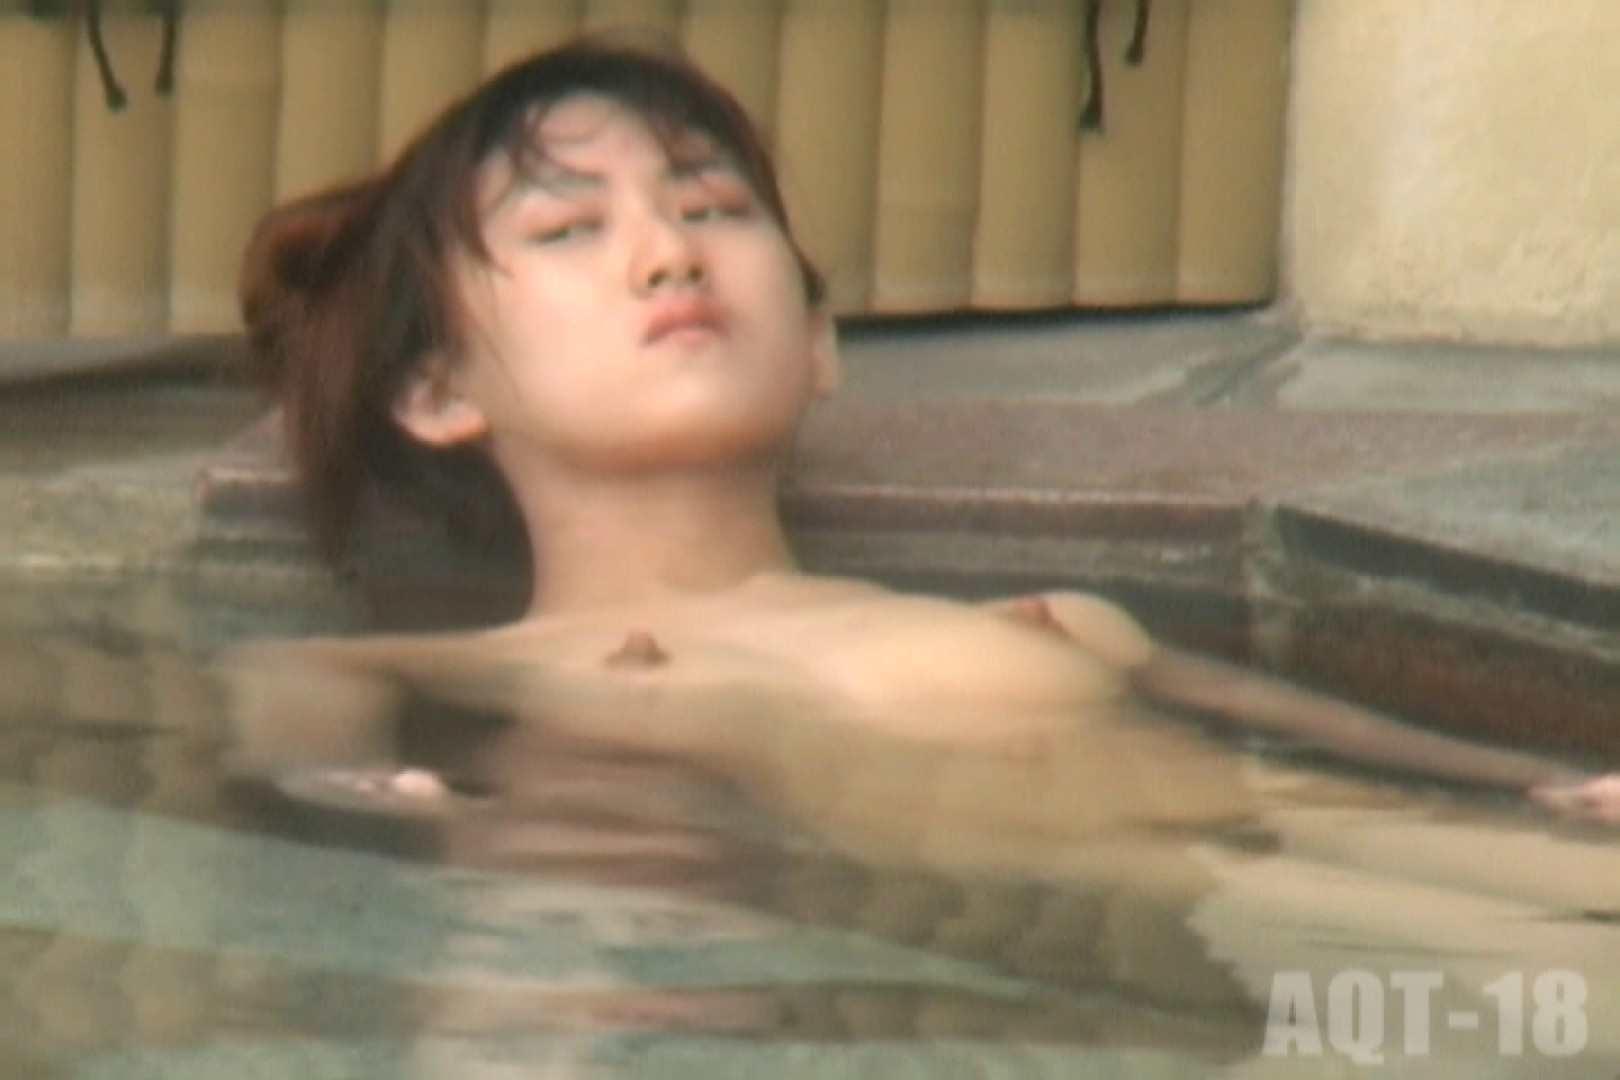 Aquaな露天風呂Vol.862 露天   OLエロ画像  92PICs 37